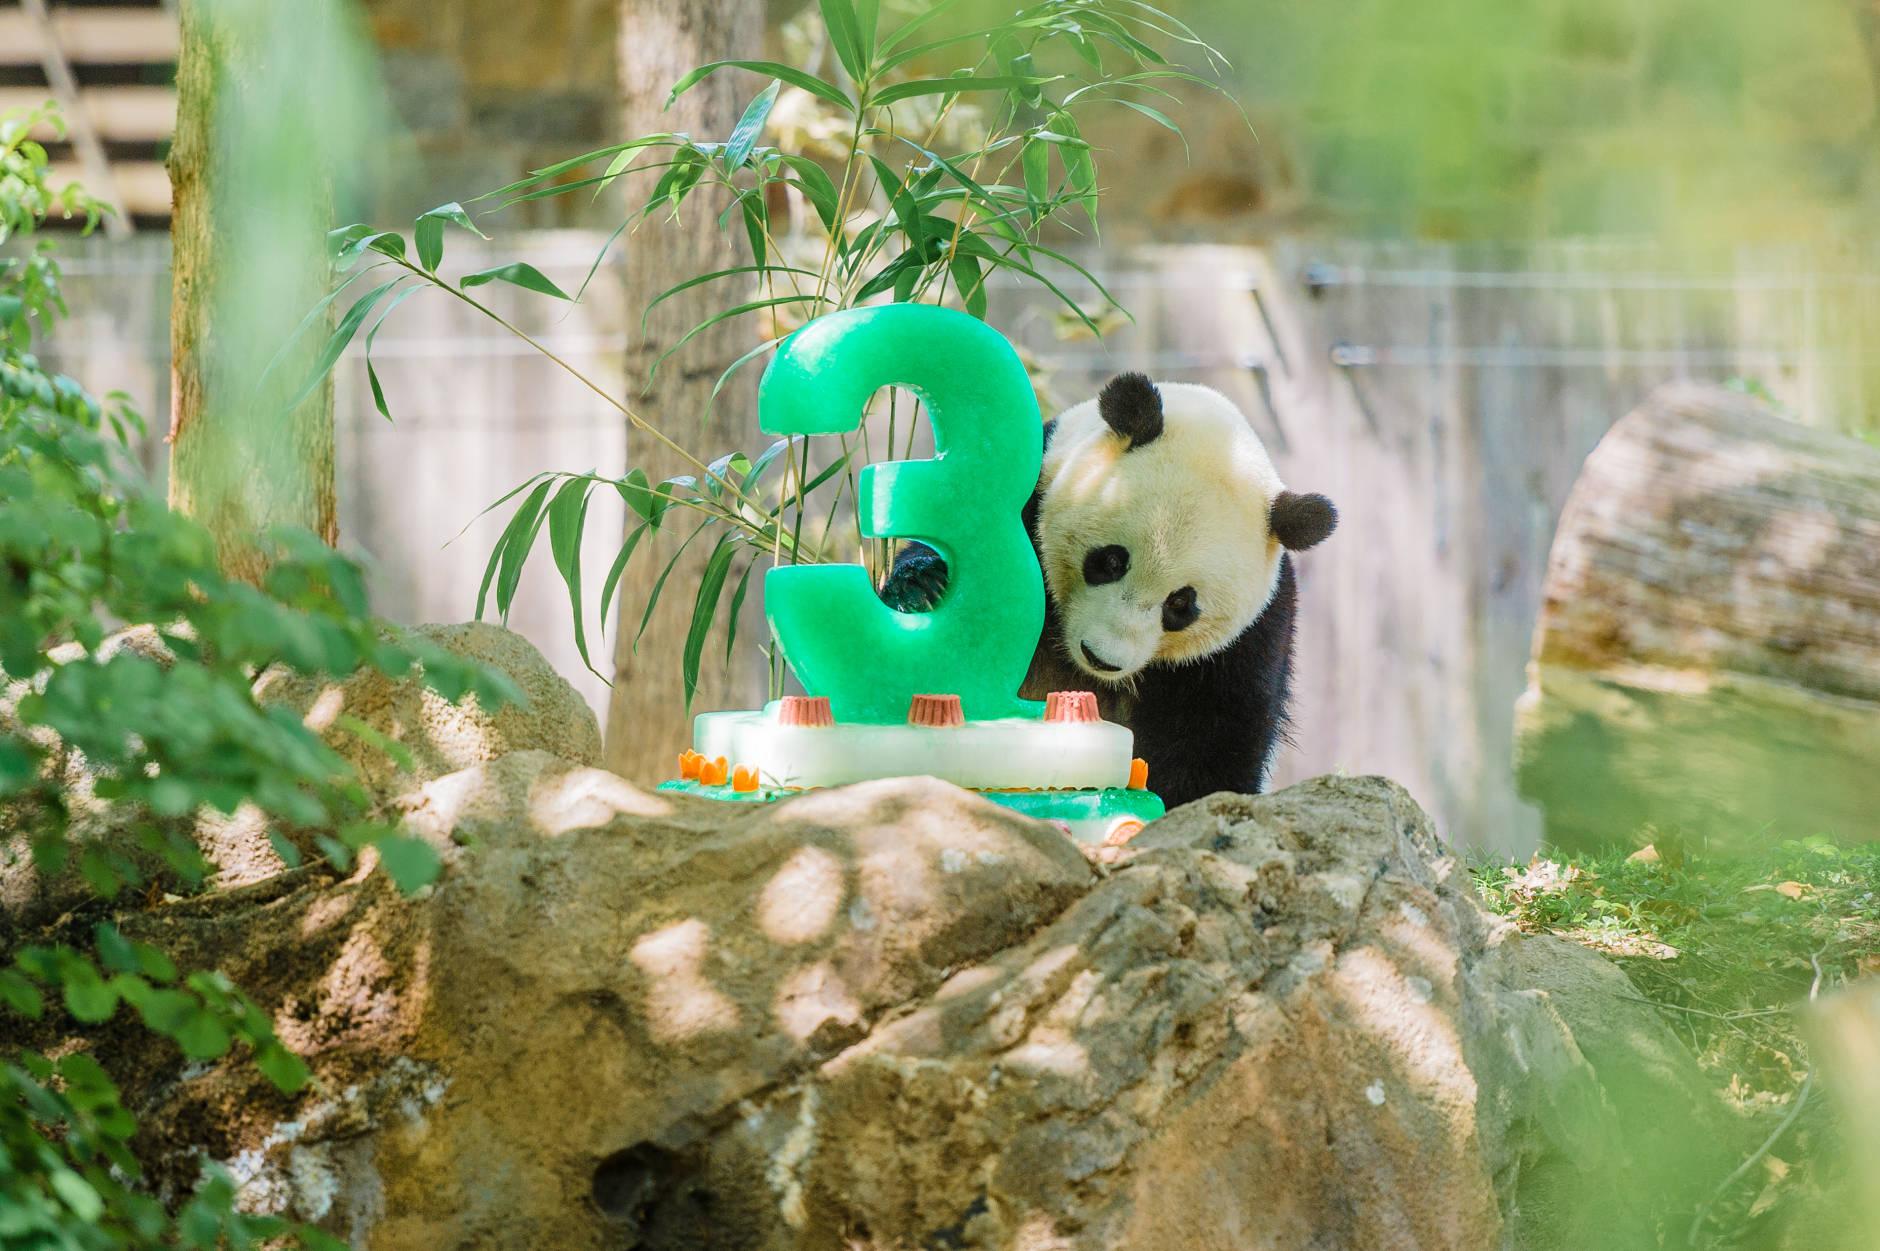 Bao Bao